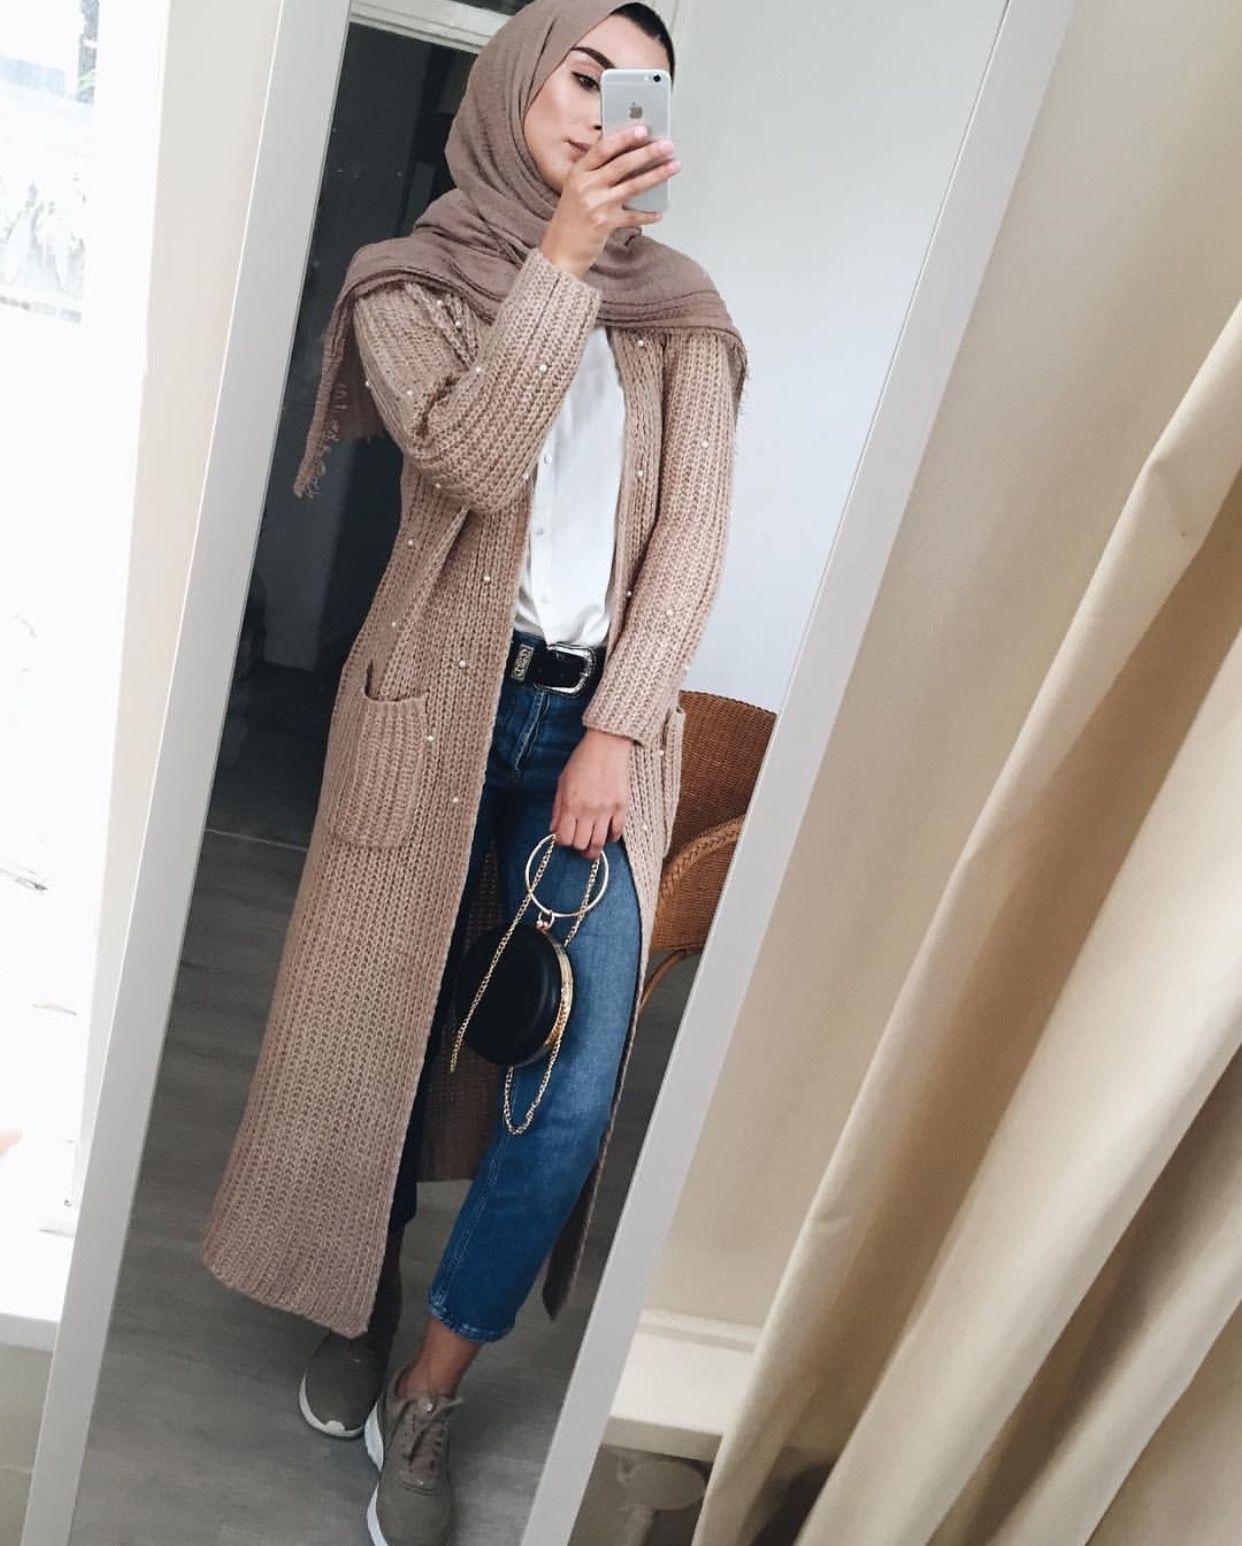 Pinterest: @adarkurdish | Islamitische kleding, Outfits